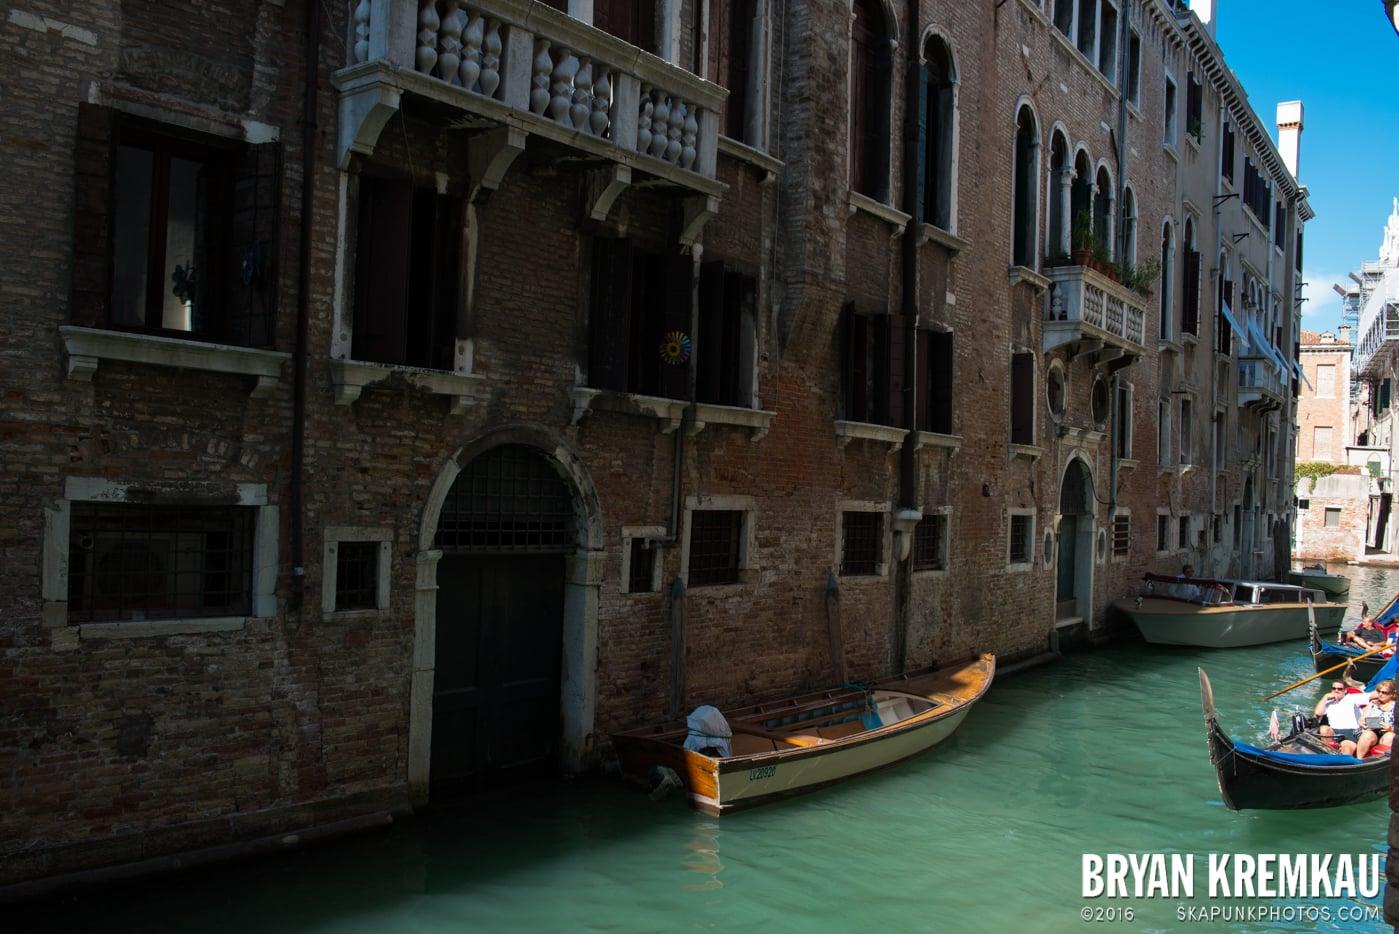 Italy Vacation - Day 4: Venice - 9.12.13 (70)